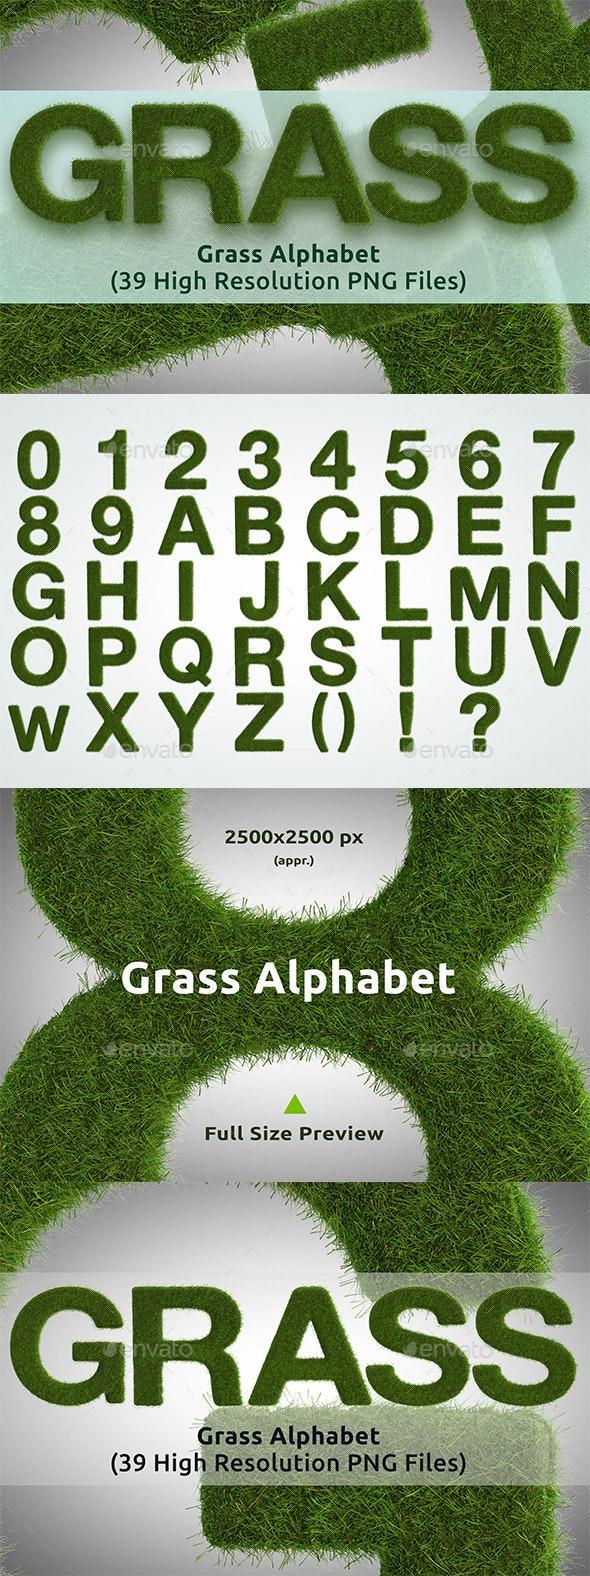 3D Grass Alphabet - Text 3D Renders